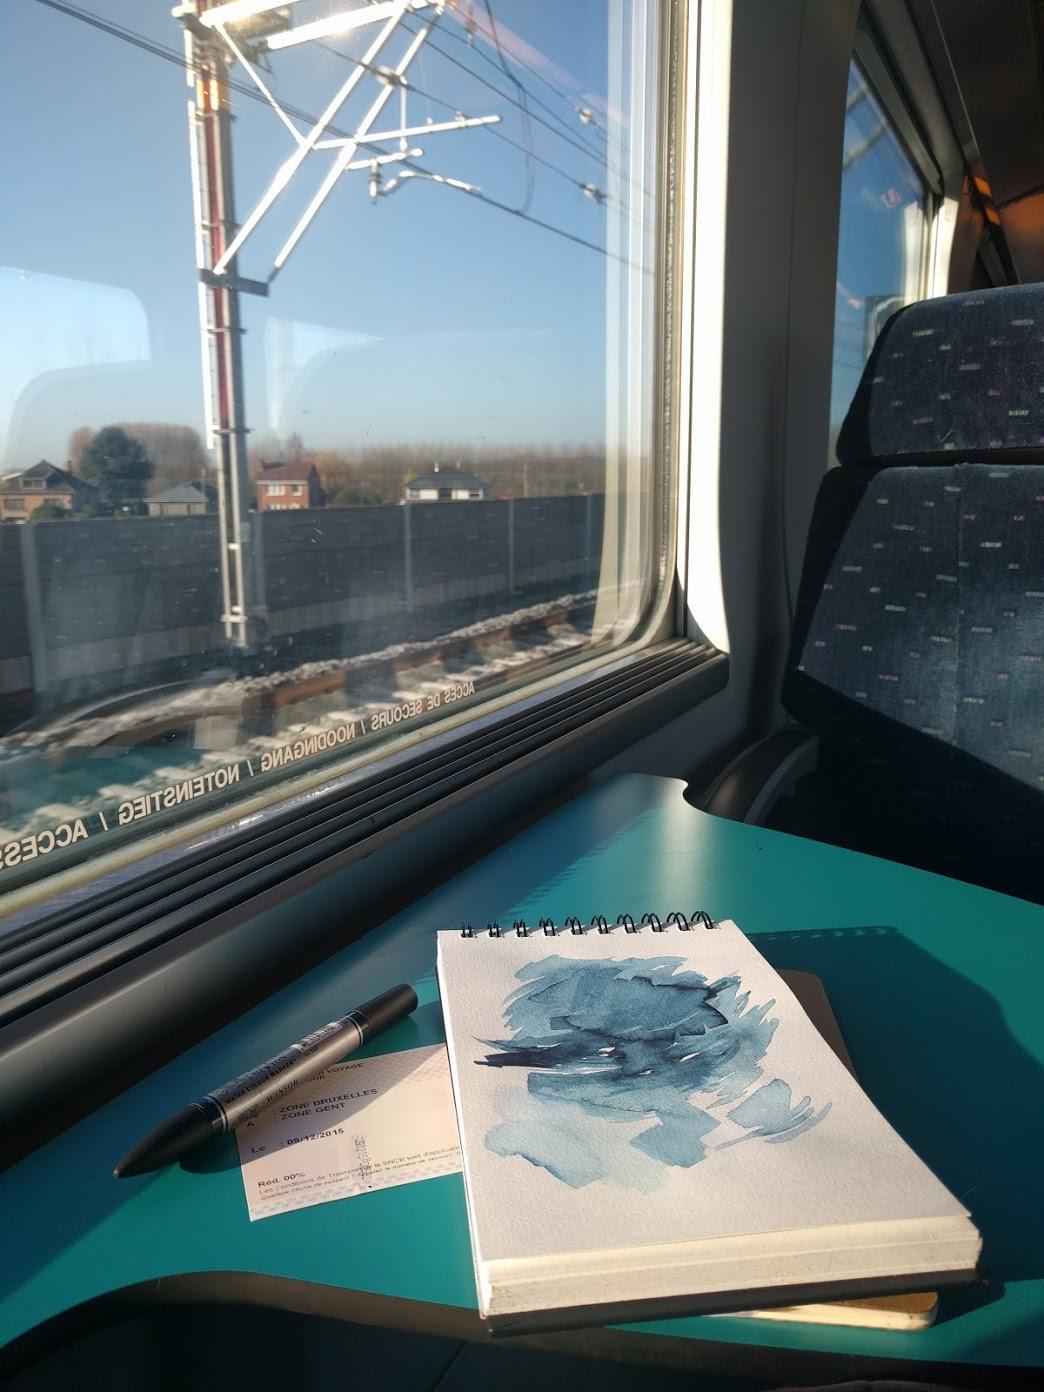 EH Sherman Art in Belgium - train sketch